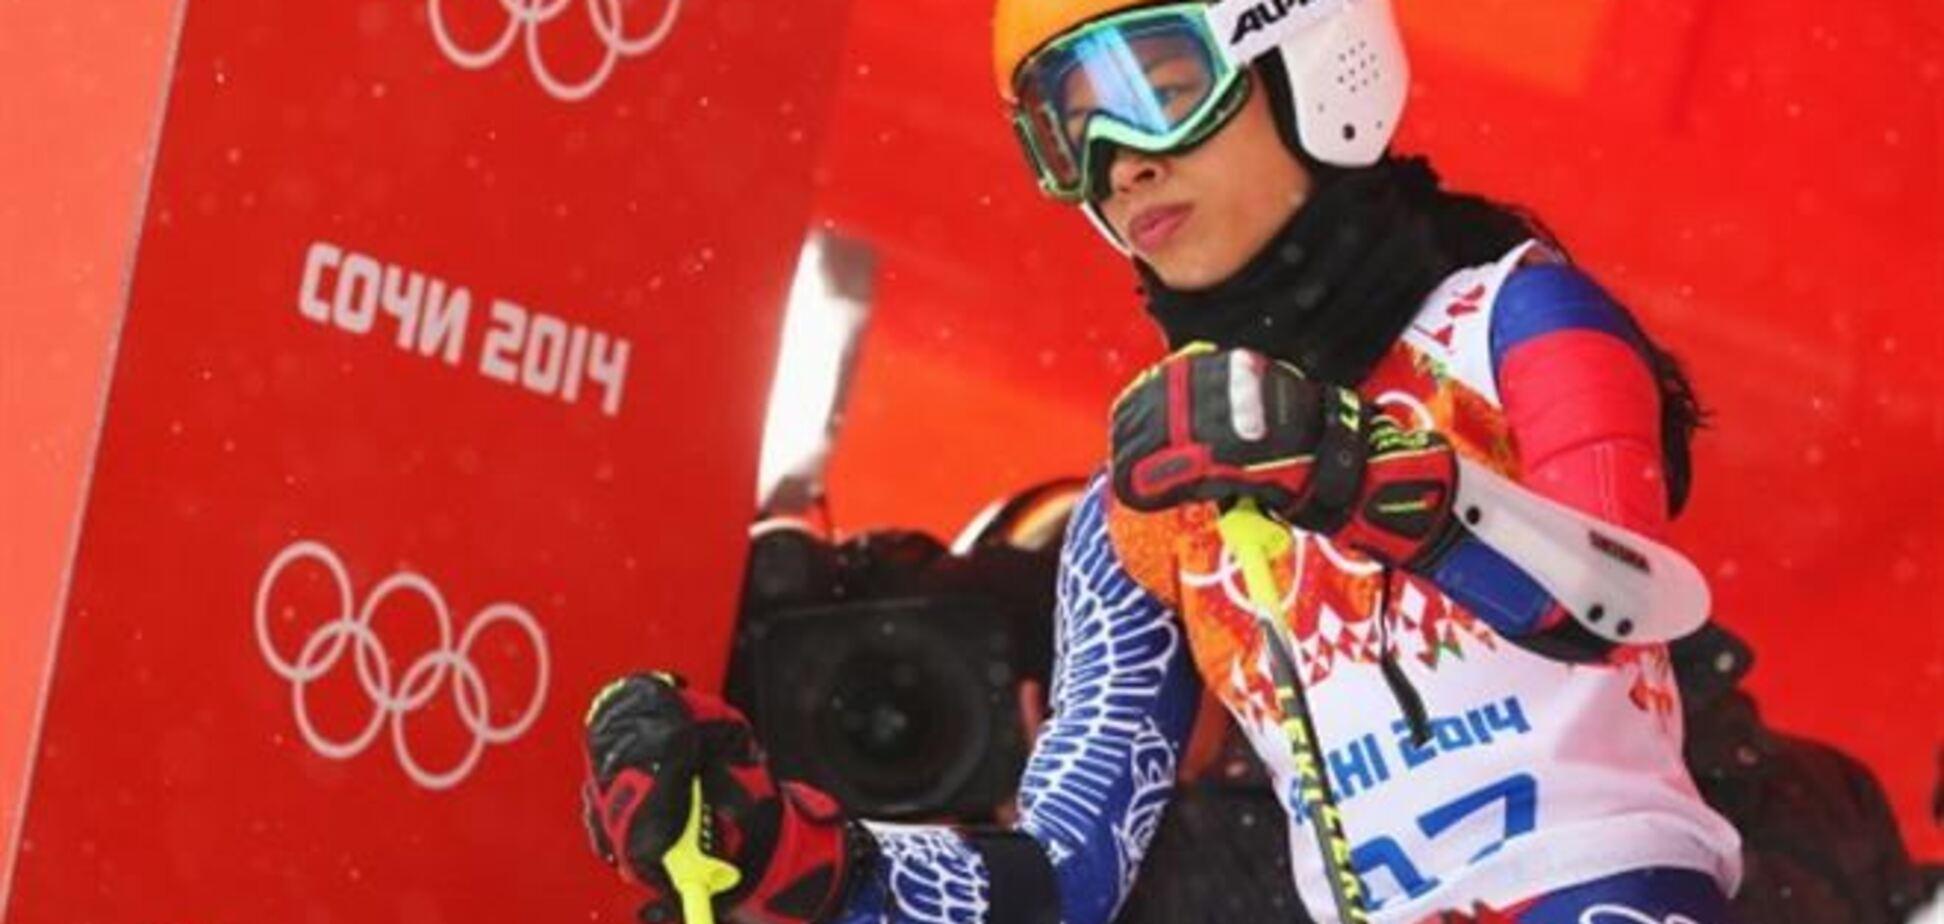 Скрипачка Мэй: последнее место на Олимпиаде не стало неожиданностью